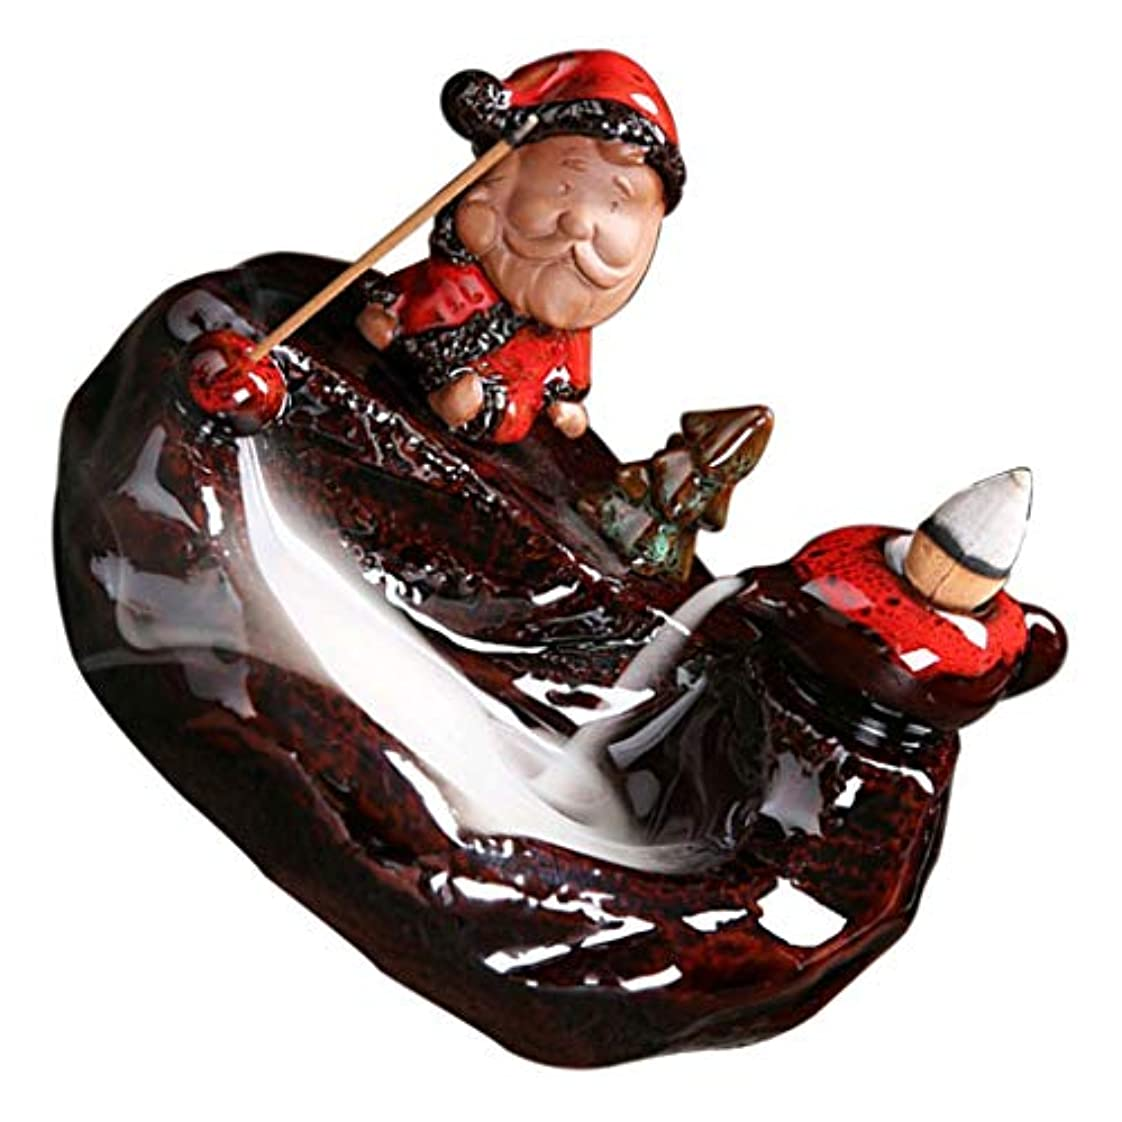 追う利得報酬のPETSOLA 香炉 クリスマステマ 中国 伝統的 手作り ヴィンテージ パープルクレイ - D